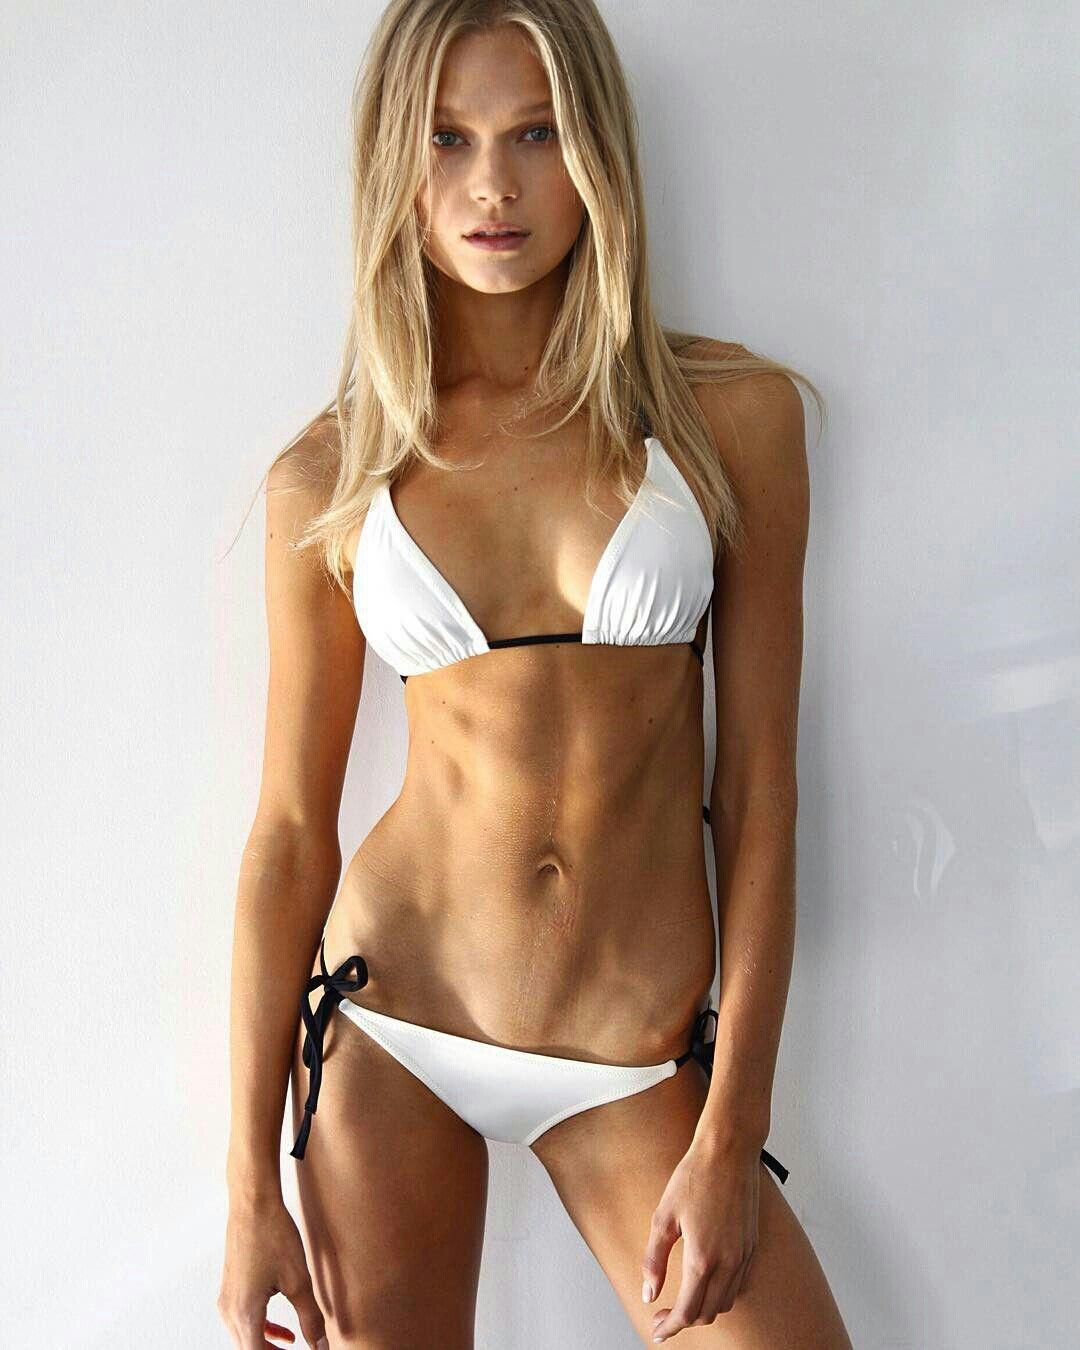 sexxy-skinny-women-sexy-pics-of-karyn-parsons